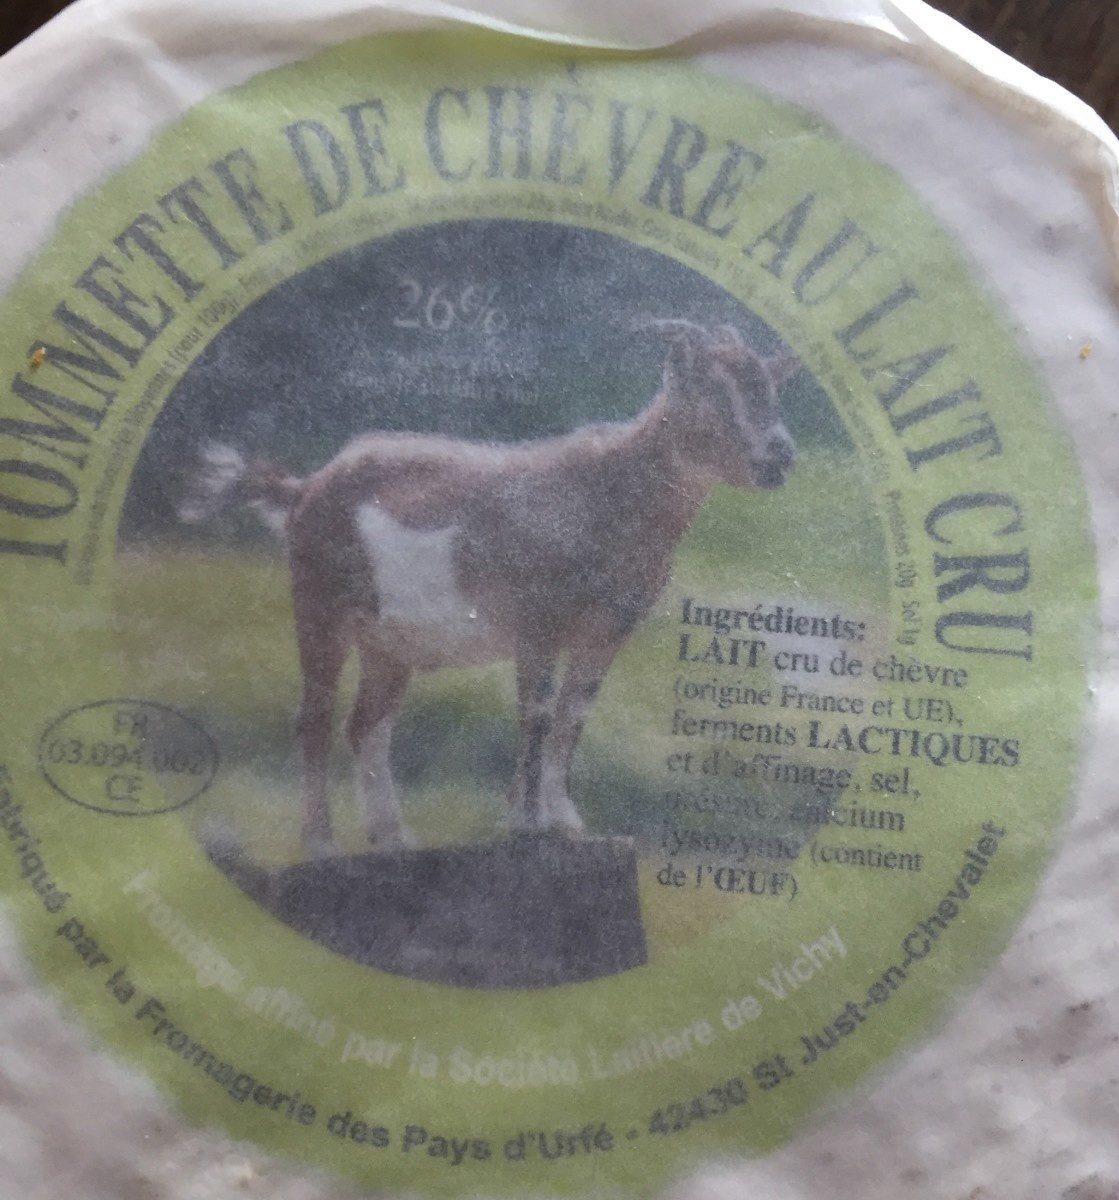 Tommette de chevre au lait cru - Produit - fr